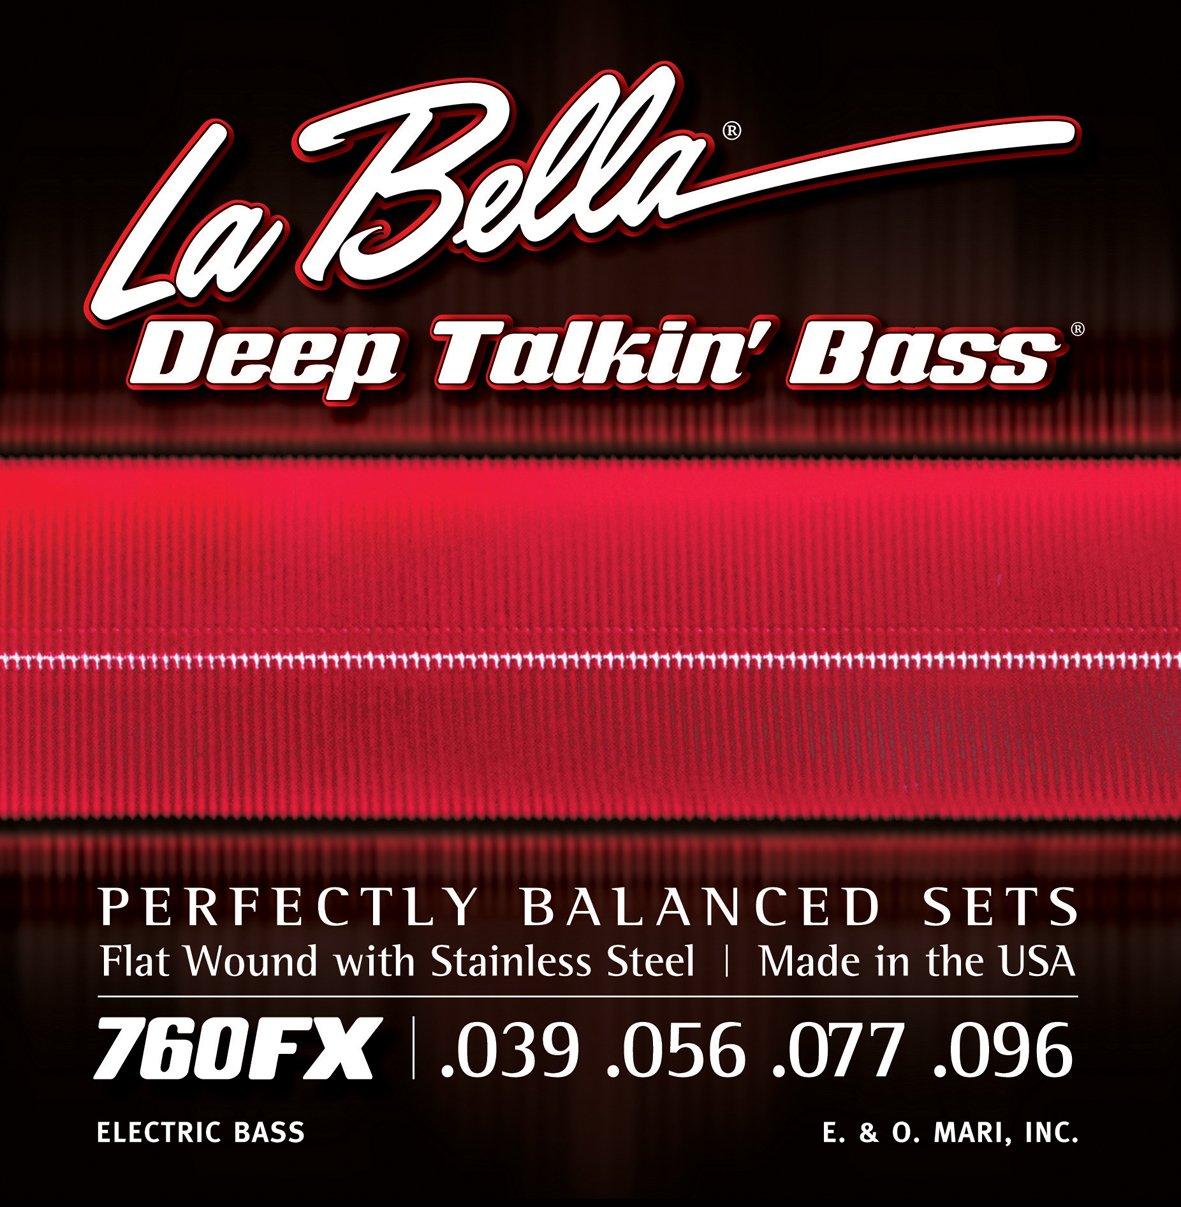 La Bella Deep Talkin' Bass Flatwound- / Saitensatz für Bassgitarre aus Edelstahl LABELLA 760FS